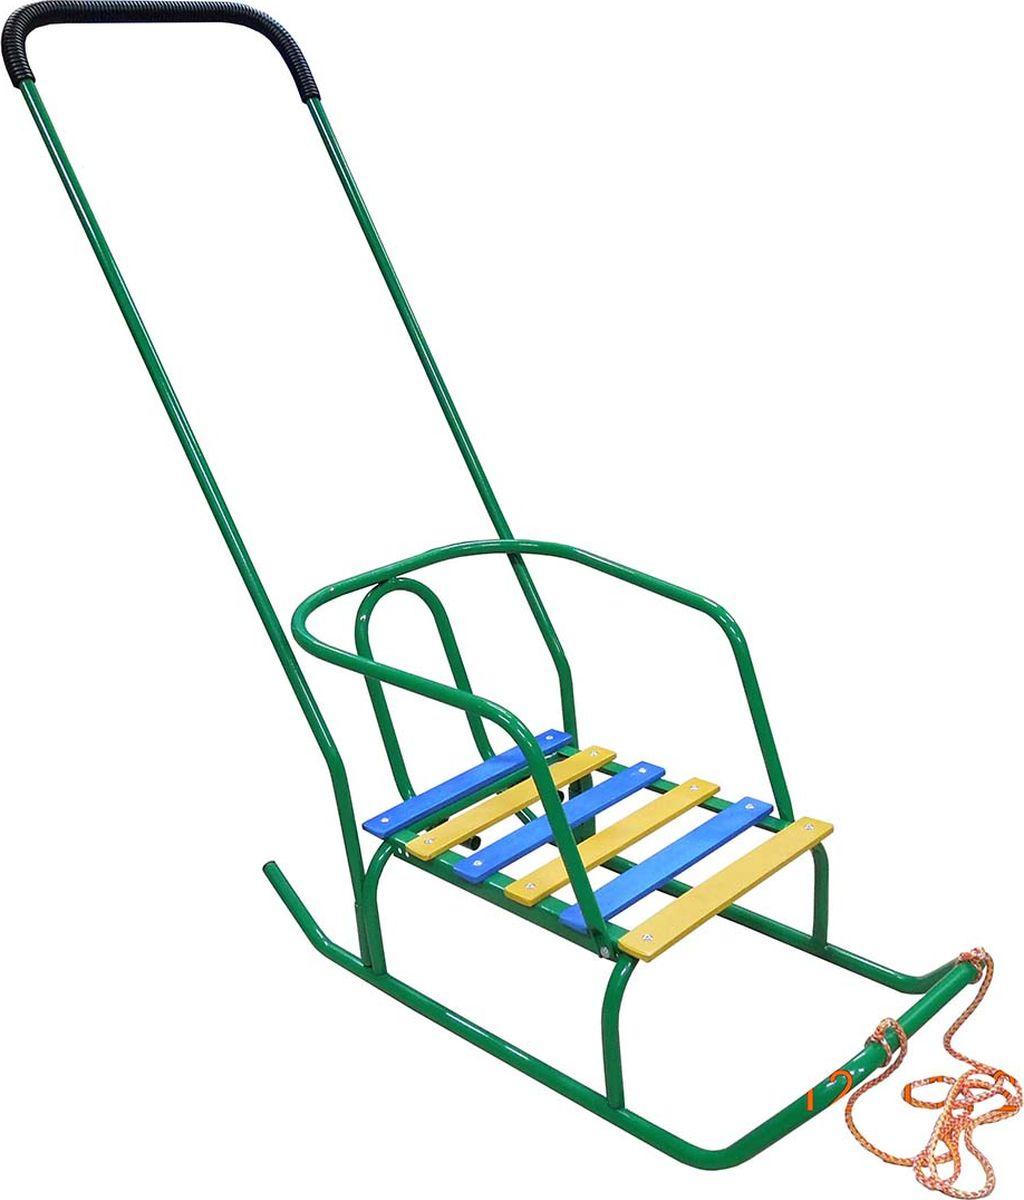 Санки детские Эх, Прокачу! Арктика-1 со спинкой и ручкой, цвет: зеленый, 75 x 35 x 93 смСА-1ЗСанки детские Эх, Прокачу! Арктика-1 - качественный бюджетный вариант детских санок для детей до 5 лет. Съемная спинка и переустанавливаемая в двух положениях ручка-толкатель изготовлены изцельнометаллической рамы из трубы (толщина трубы 18 мм). Реечное сиденье выполнено из толстой обработанной фанеры. Ручка-толкатель расположена за спиной малыша, однако в случае необходимости вы легко сможете переставить ее наоборот и, прогуливаясь, вести приятную беседу со своим ребенком.Особенности:ВеревкаРучка-толкатель с обеих сторонПорошковая окраска и предокрасочная обработка.Нагрузка до 50 кг. Вес санок не более 3,6 кг.